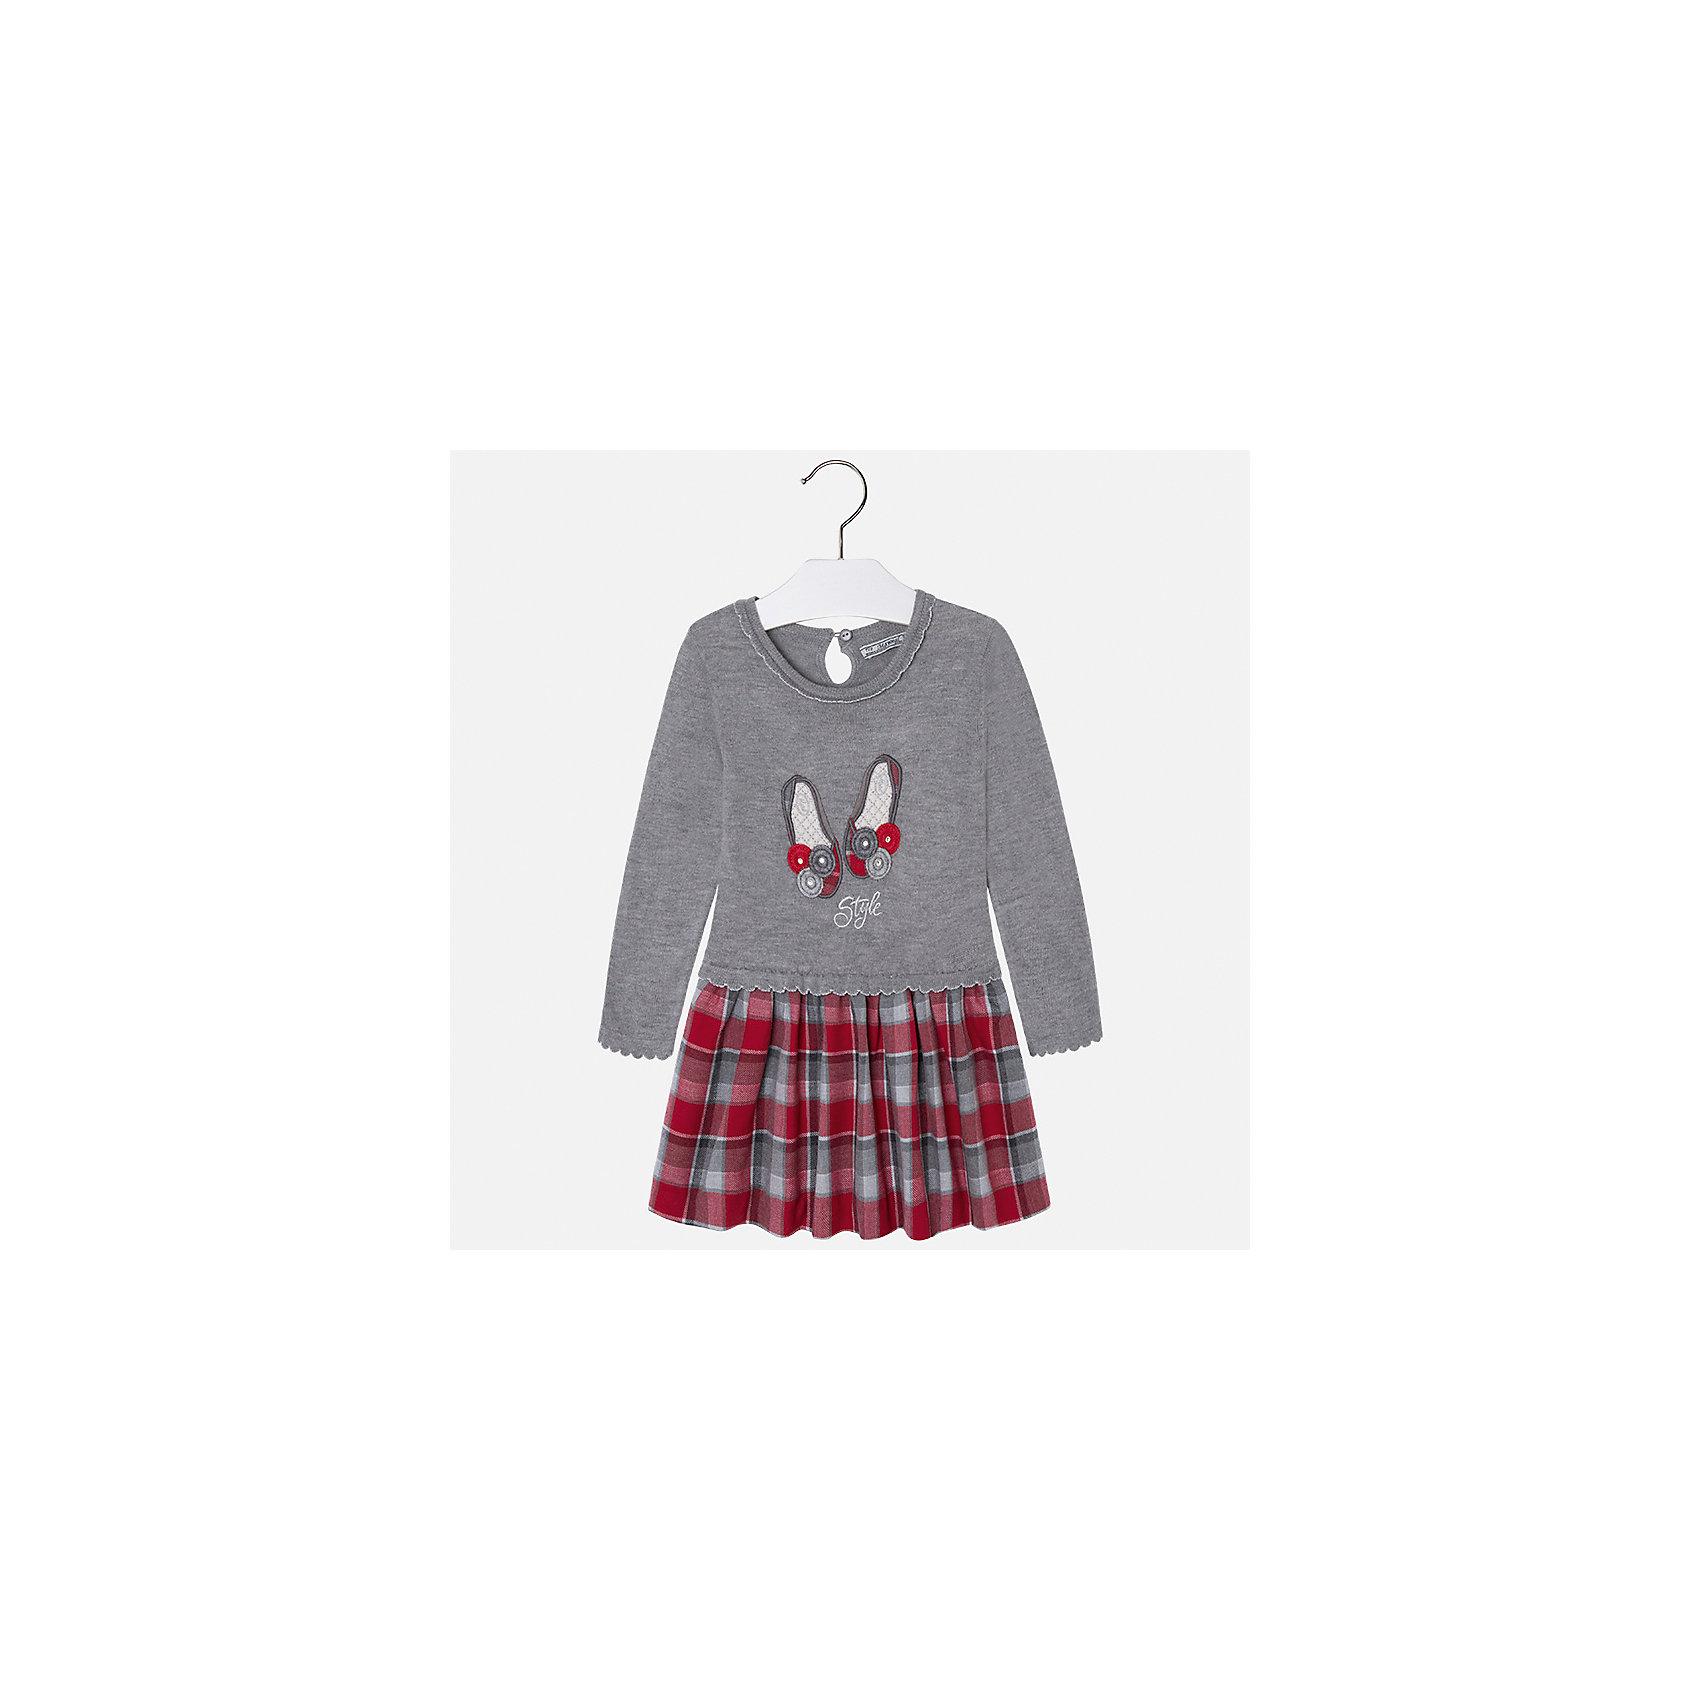 Платье Mayoral для девочкиОсенне-зимние платья и сарафаны<br>Характеристики товара:<br><br>• цвет: серый<br>• состав ткани: верх - 33% полиэстер, 23% акрил, 23% полиамид, 18% хлопок, 3% ангора; низ - 50% полиэстер, 50% хлопок<br>• сезон: круглый год<br>• длинные рукава<br>• стразы<br>• застежка: пуговица<br>• страна бренда: Испания<br>• страна изготовитель: Индия<br><br>Такое детское платье отличается интересным фасоном и отделкой. Оригинальное детское платье от бренда Майорал поможет девочке выглядеть красиво и чувствовать себя комфортно. <br><br>Для производства детской одежды популярный бренд Mayoral использует только качественную фурнитуру и материалы. Оригинальные и модные вещи от Майорал неизменно привлекают внимание и нравятся детям.<br><br>Платье для девочки Mayoral (Майорал) можно купить в нашем интернет-магазине.<br><br>Ширина мм: 236<br>Глубина мм: 16<br>Высота мм: 184<br>Вес г: 177<br>Цвет: серый<br>Возраст от месяцев: 96<br>Возраст до месяцев: 108<br>Пол: Женский<br>Возраст: Детский<br>Размер: 134,98,104,110,116,122,128<br>SKU: 6923240